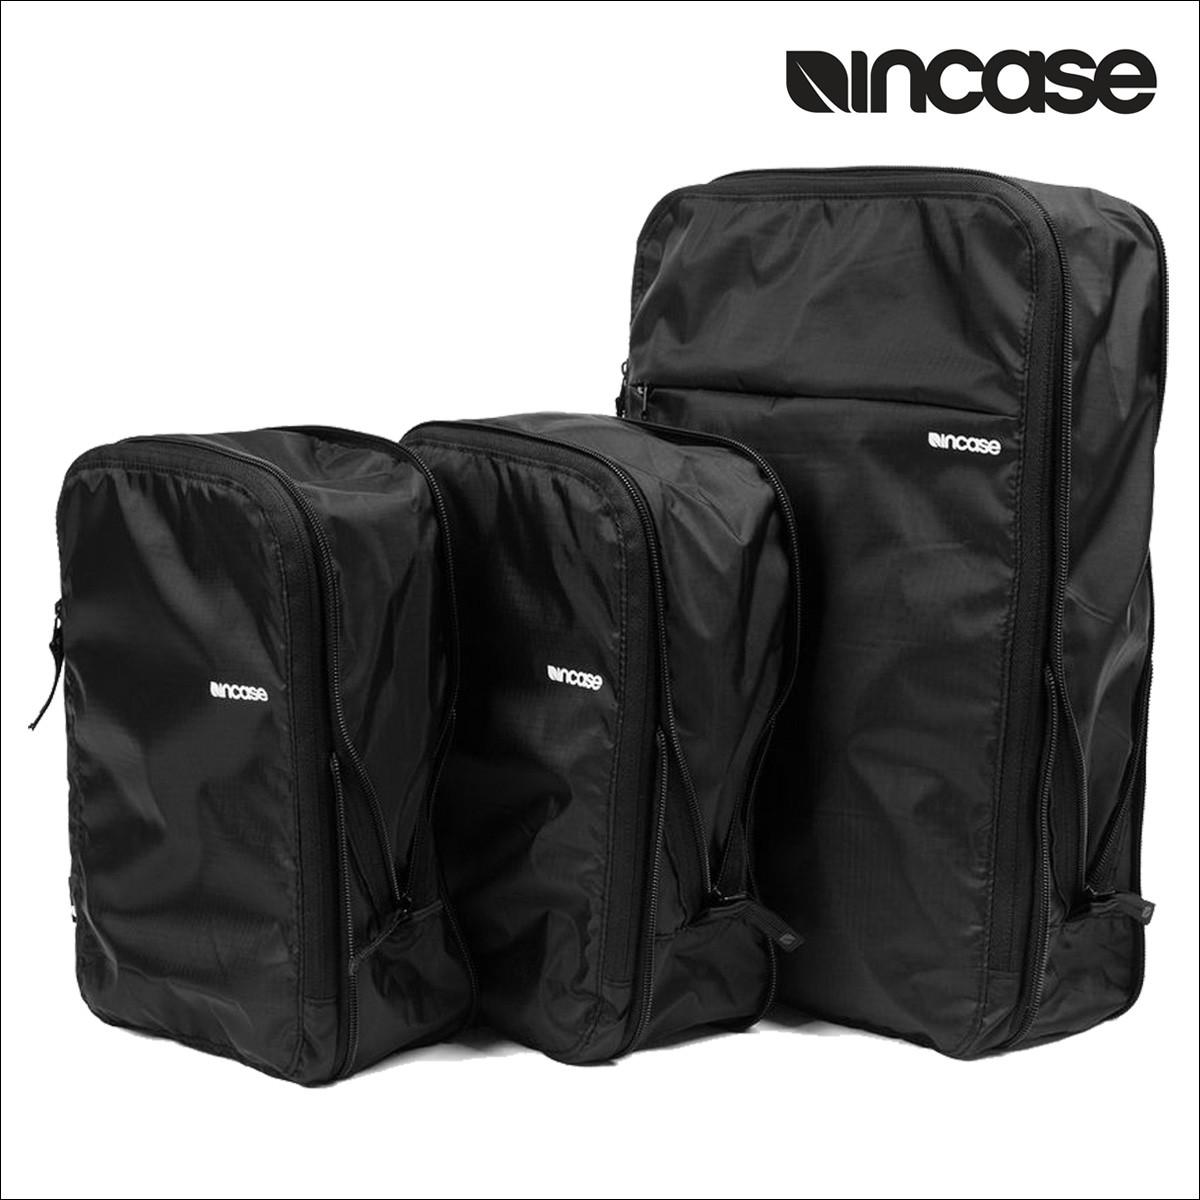 INCASE インケース バッグ インサートバッグ TRAVEL MODULAR STORAGE 3 PACK CL90028 レディース メンズ ブラック